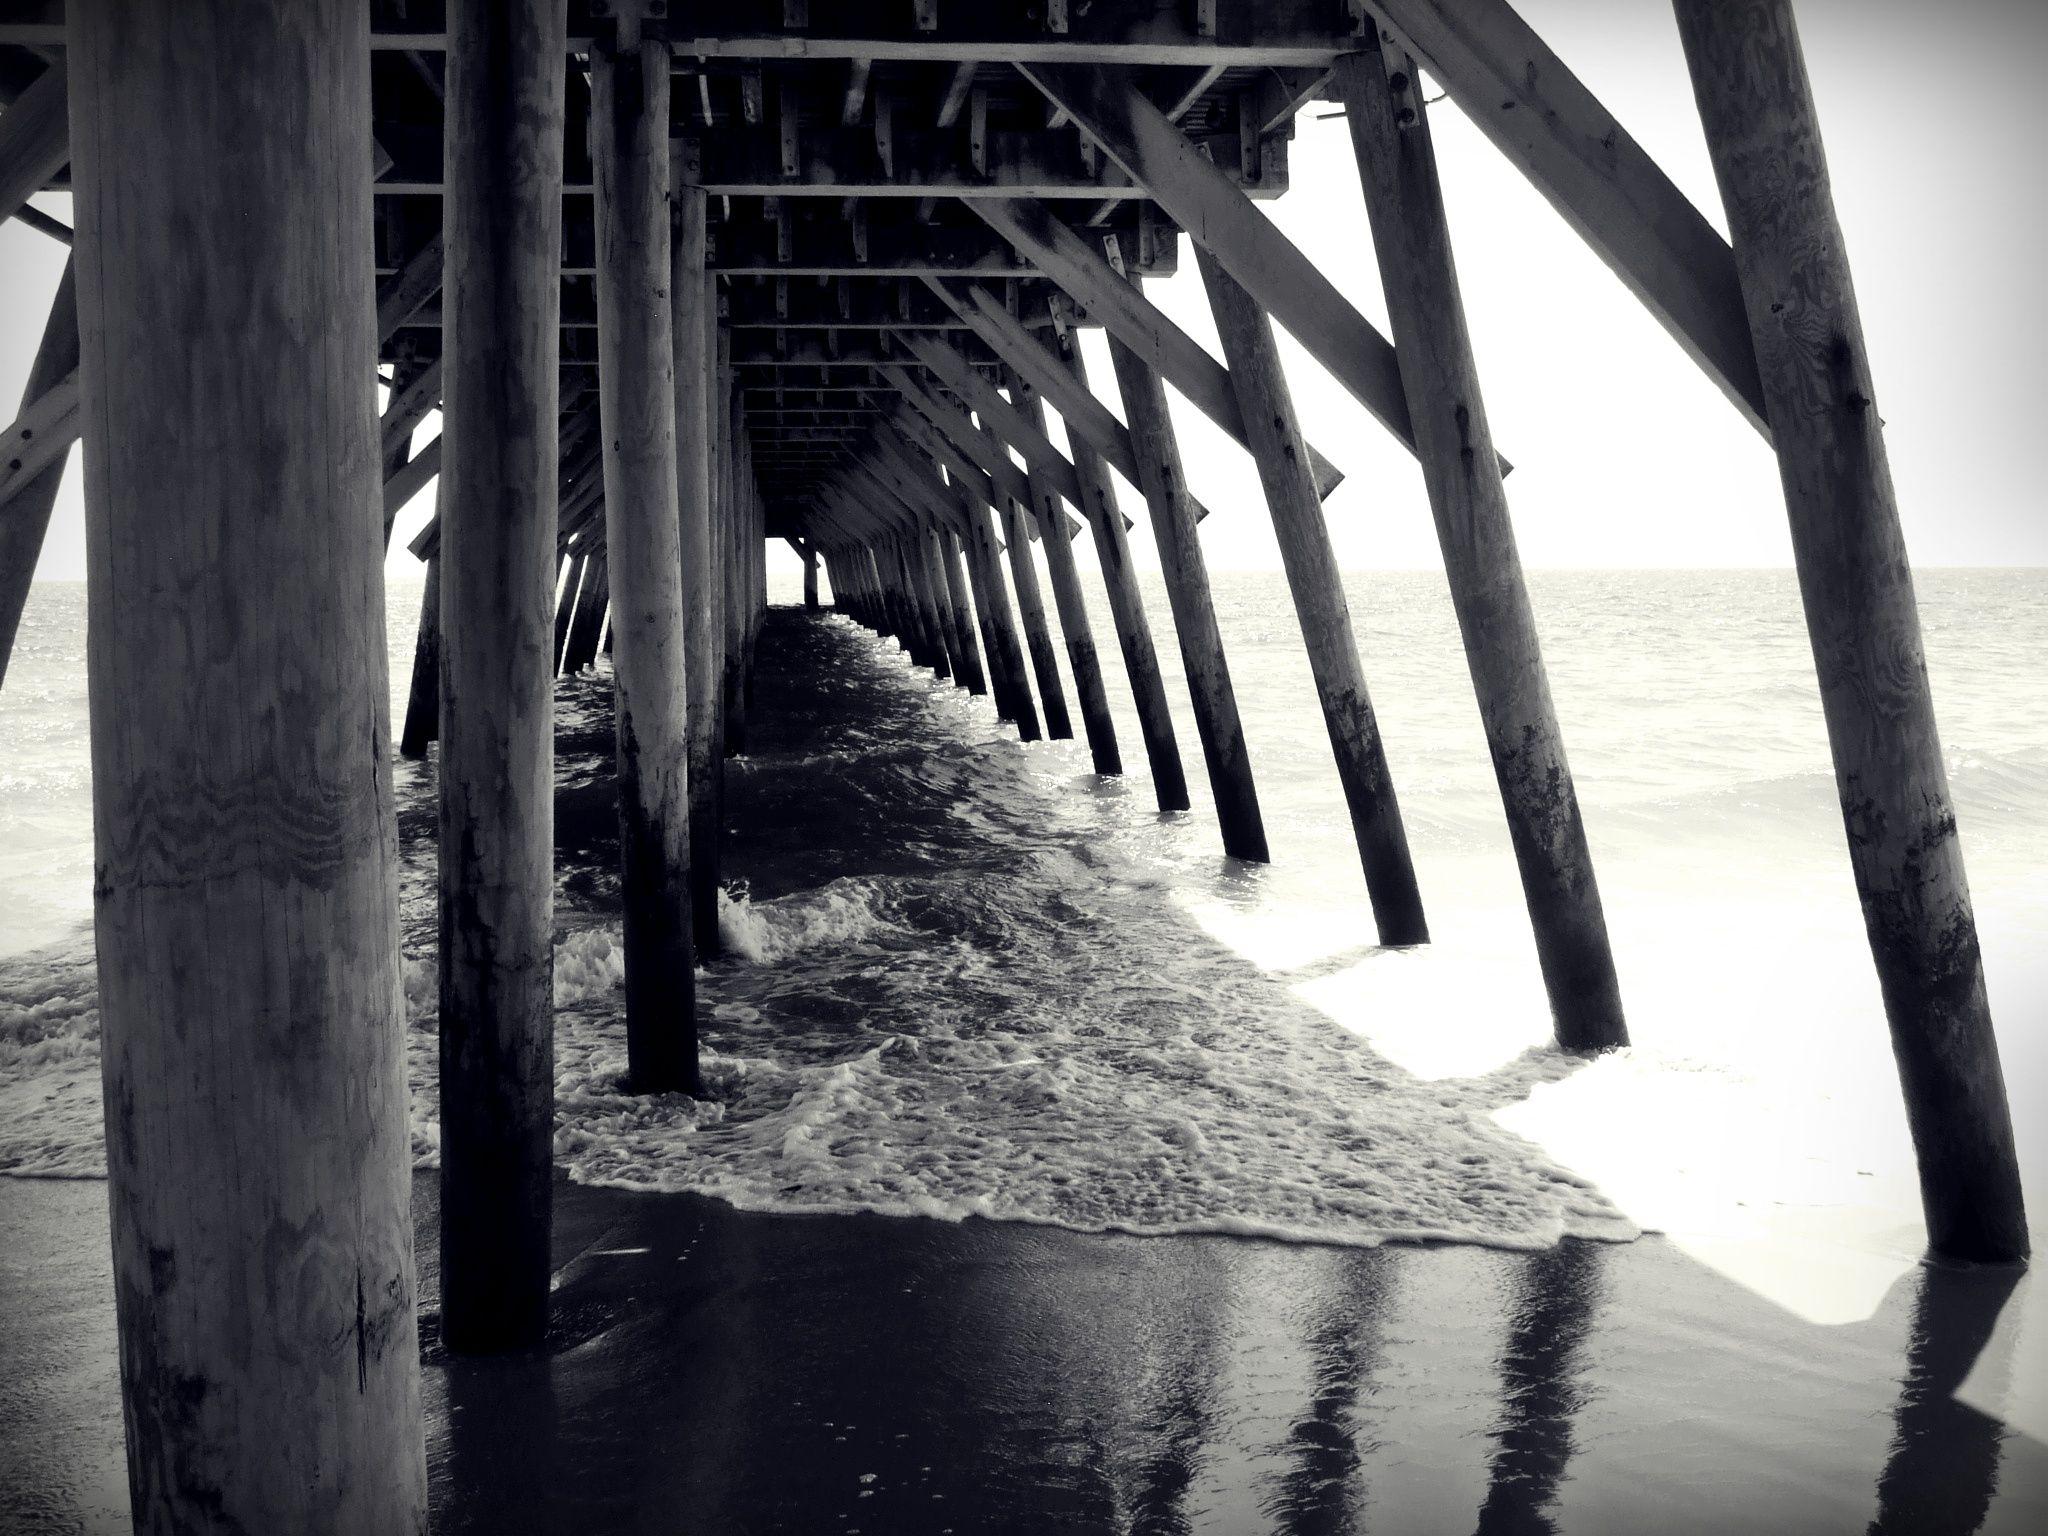 Myrtle Beach State Park Pier, Sc State parks, Myrtle beach